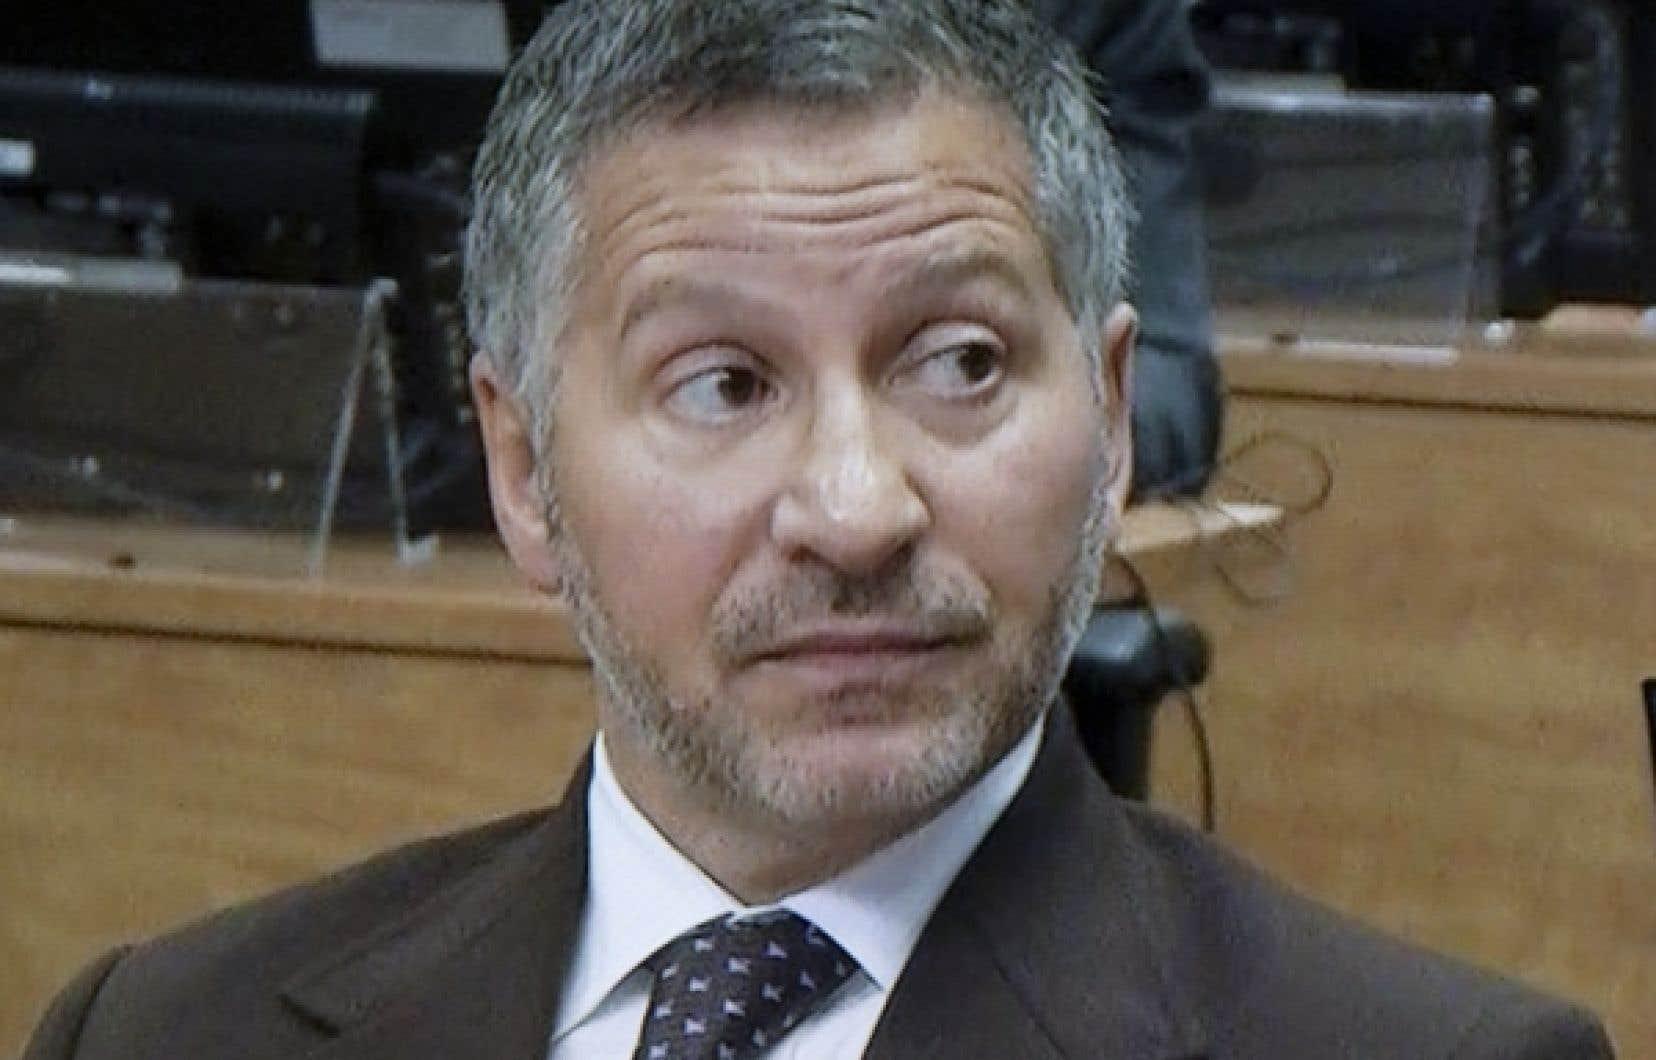 Pour sa part l&#39;homme d&#39;affaires Elio Pagliarulo a soutenu que l&#39;ex-pr&eacute;sident du comit&eacute; ex&eacute;cutif de la Ville de Montr&eacute;al, Frank Zampino, a &eacute;t&eacute; corrompu &agrave; r&eacute;p&eacute;tition par l&#39;entrepreneur Catania. <br />